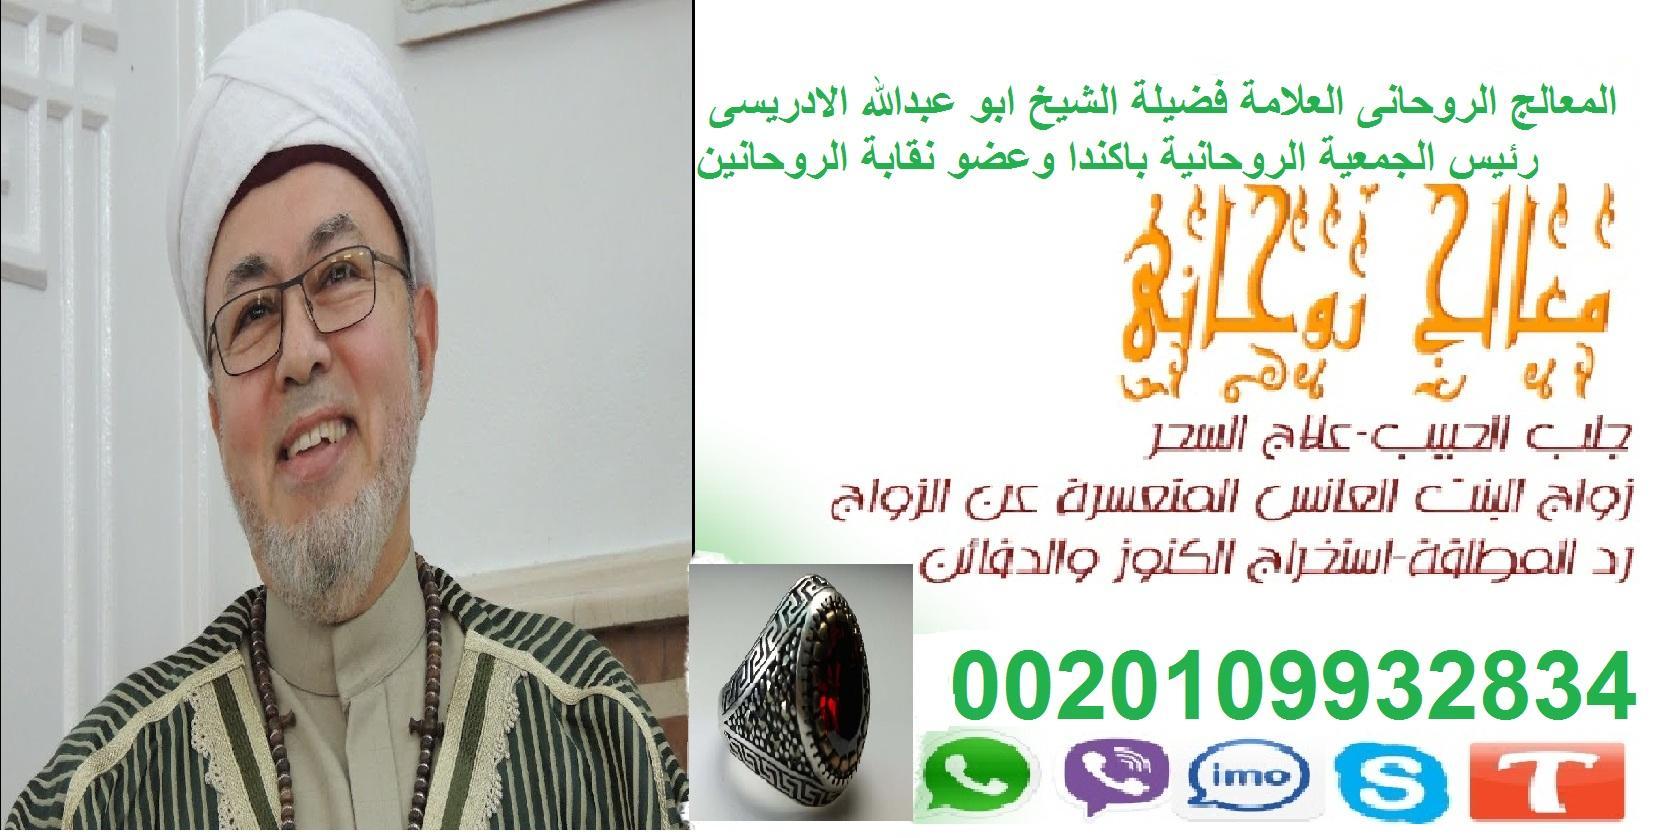 الشيخ الروحاني الحبيب خلال ساعة 00201099328349 352701464.jpg